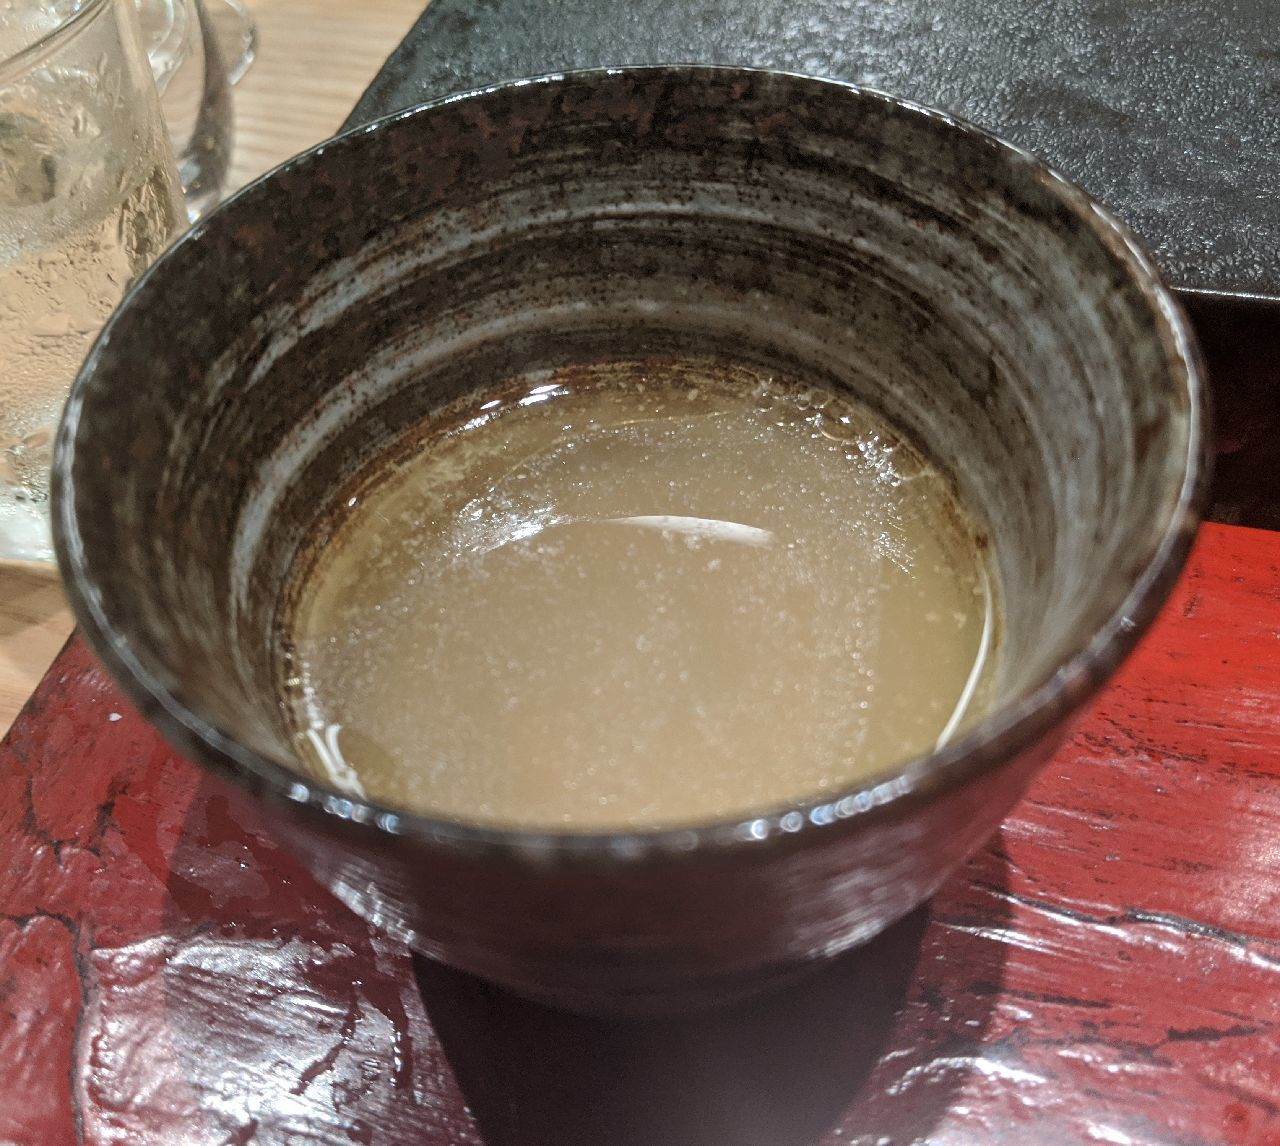 MVIMG_20200910_214922鳥スープ